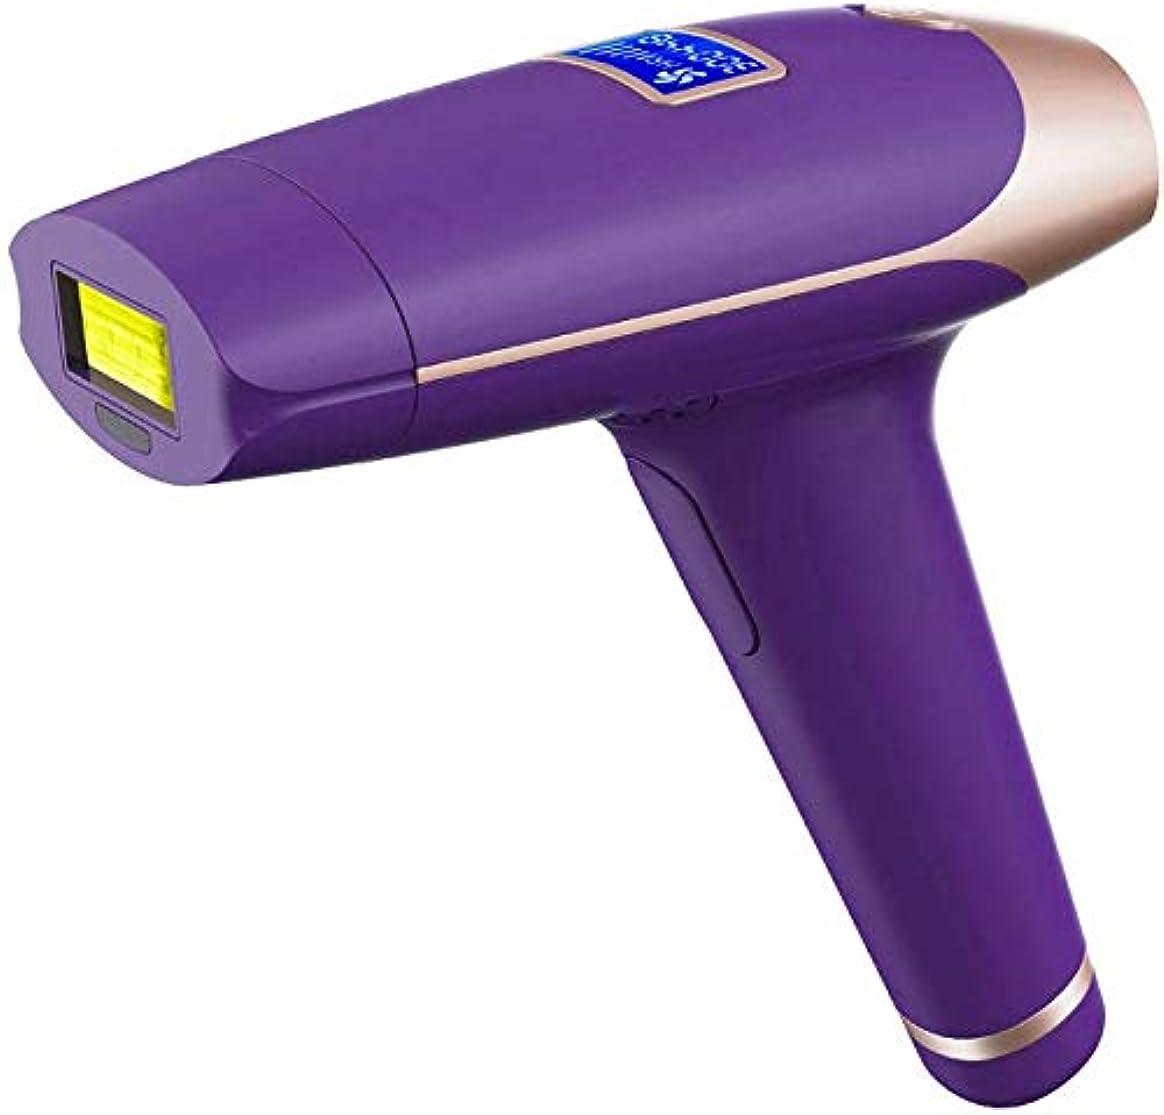 胸アルネダイヤモンドHUYYA IPL パルス脱毛器具、400000 電動脱毛器 永久脱毛、痛みなし 脱毛器ボディ、顔、ビキニと脇の下用,Purple